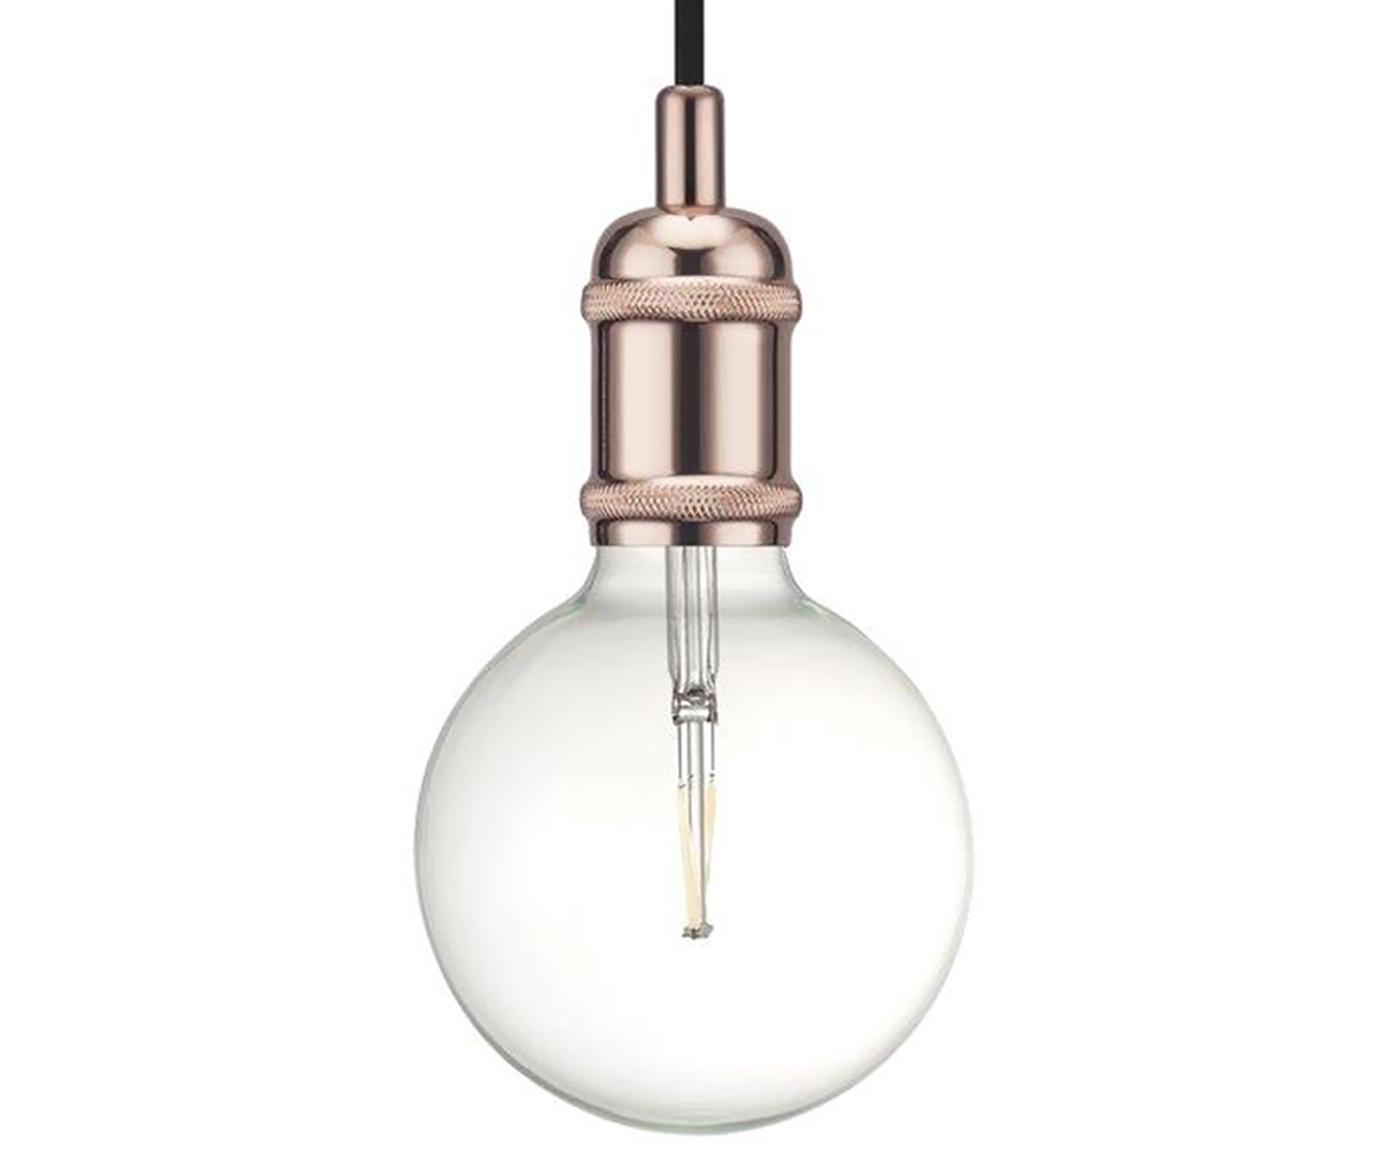 Lampada a sospensione in metallo Avra, Metallo verniciato, Rame, Ø 5 x Alt. 10 cm